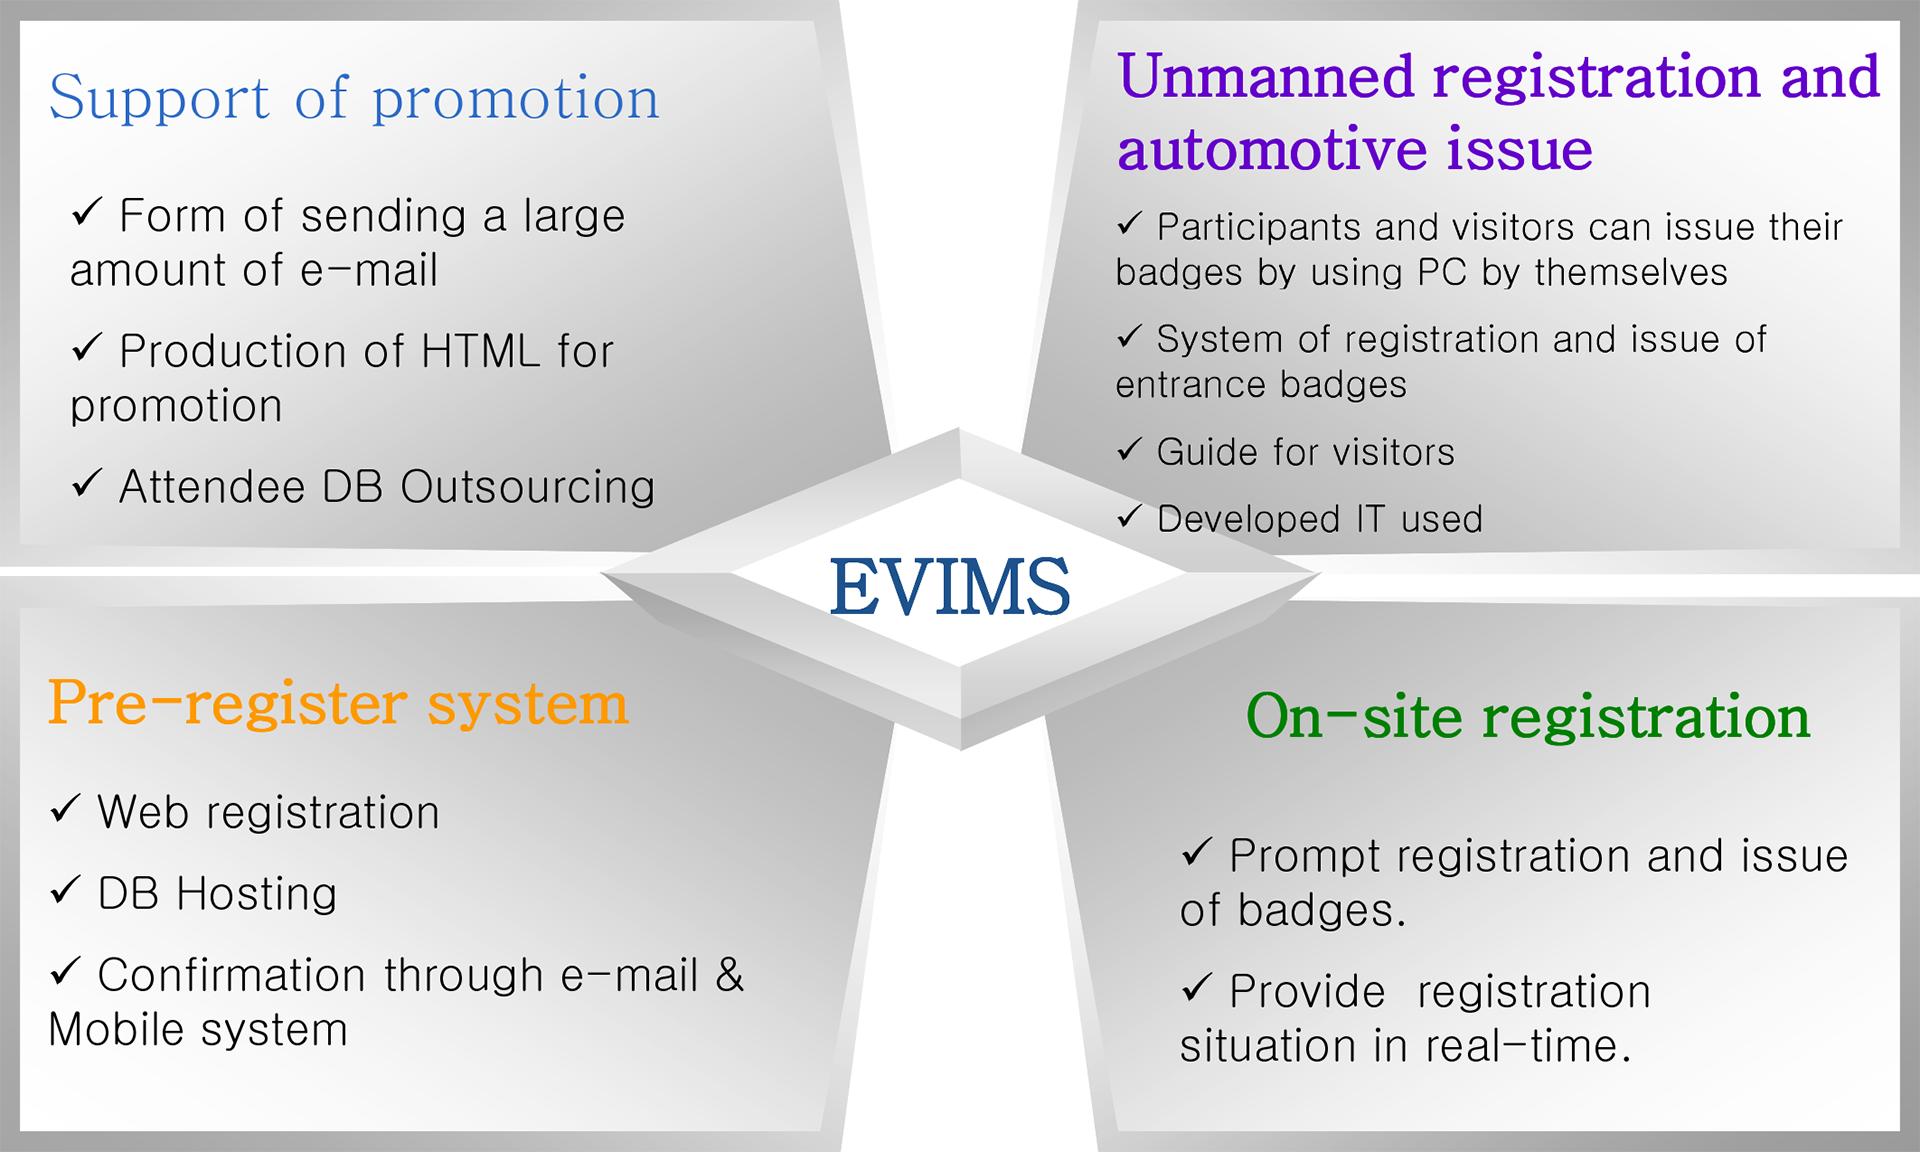 EIMS Vietnam - Exhibition Registration System